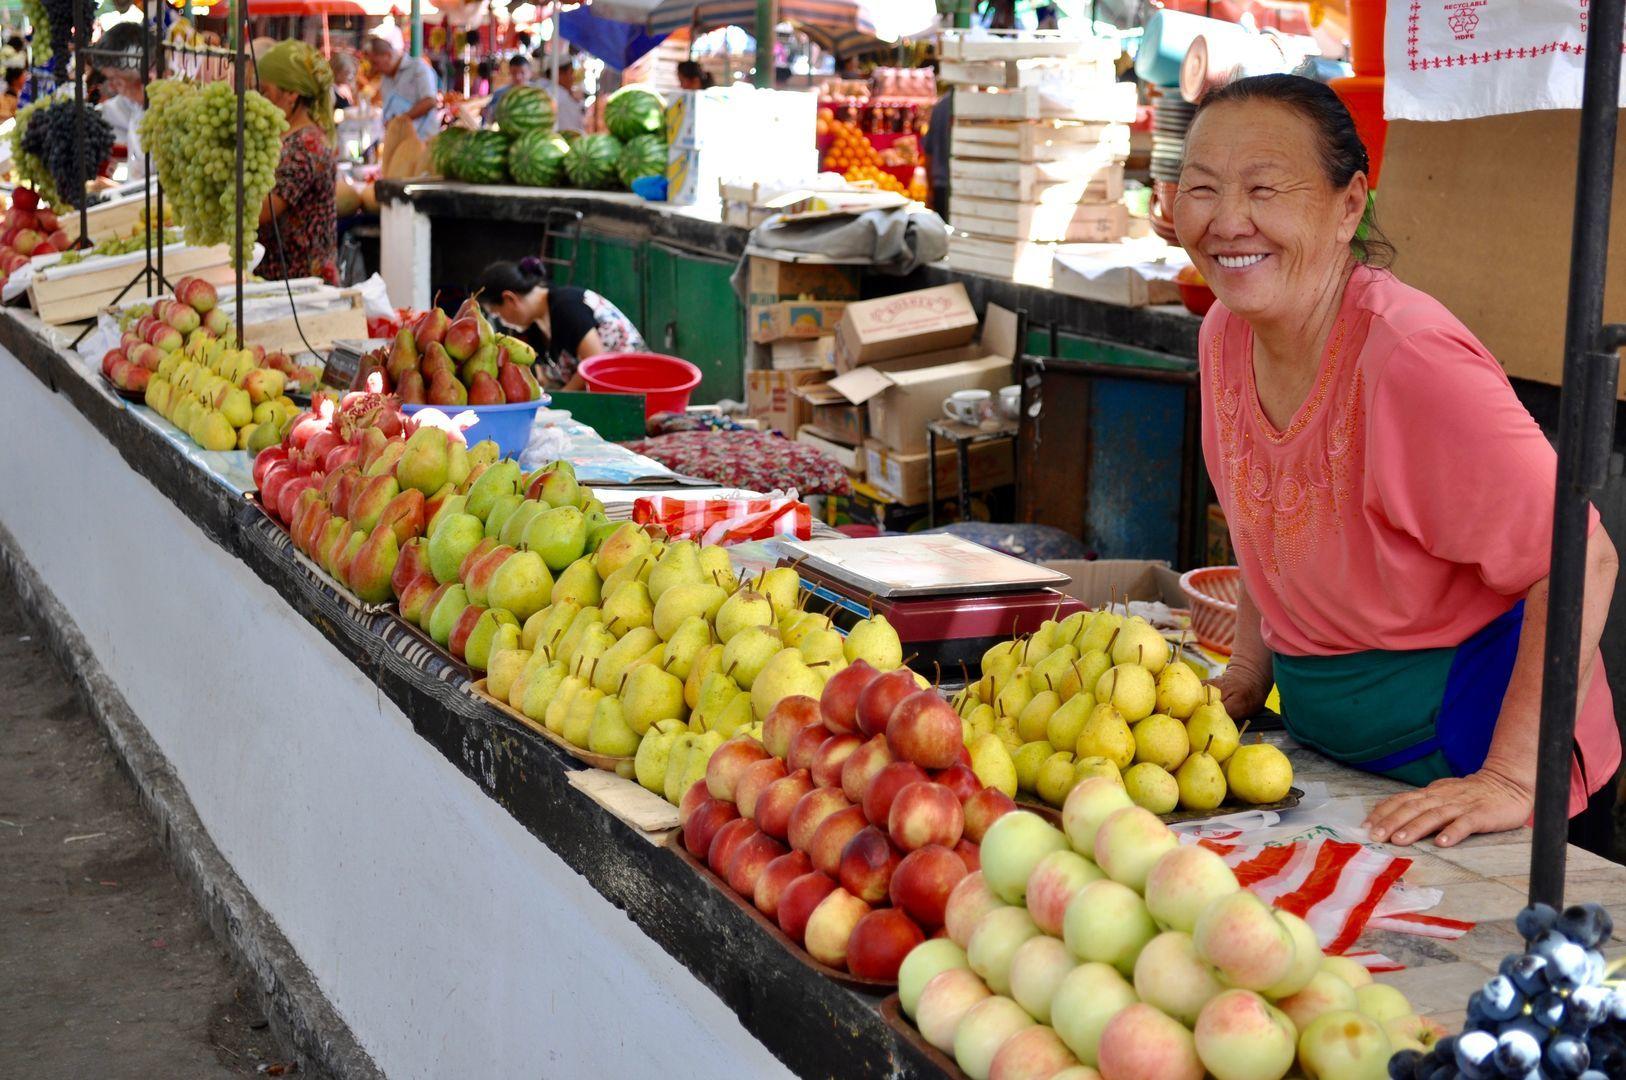 Kyrgyzstan Osh Bazaar in Bishkek